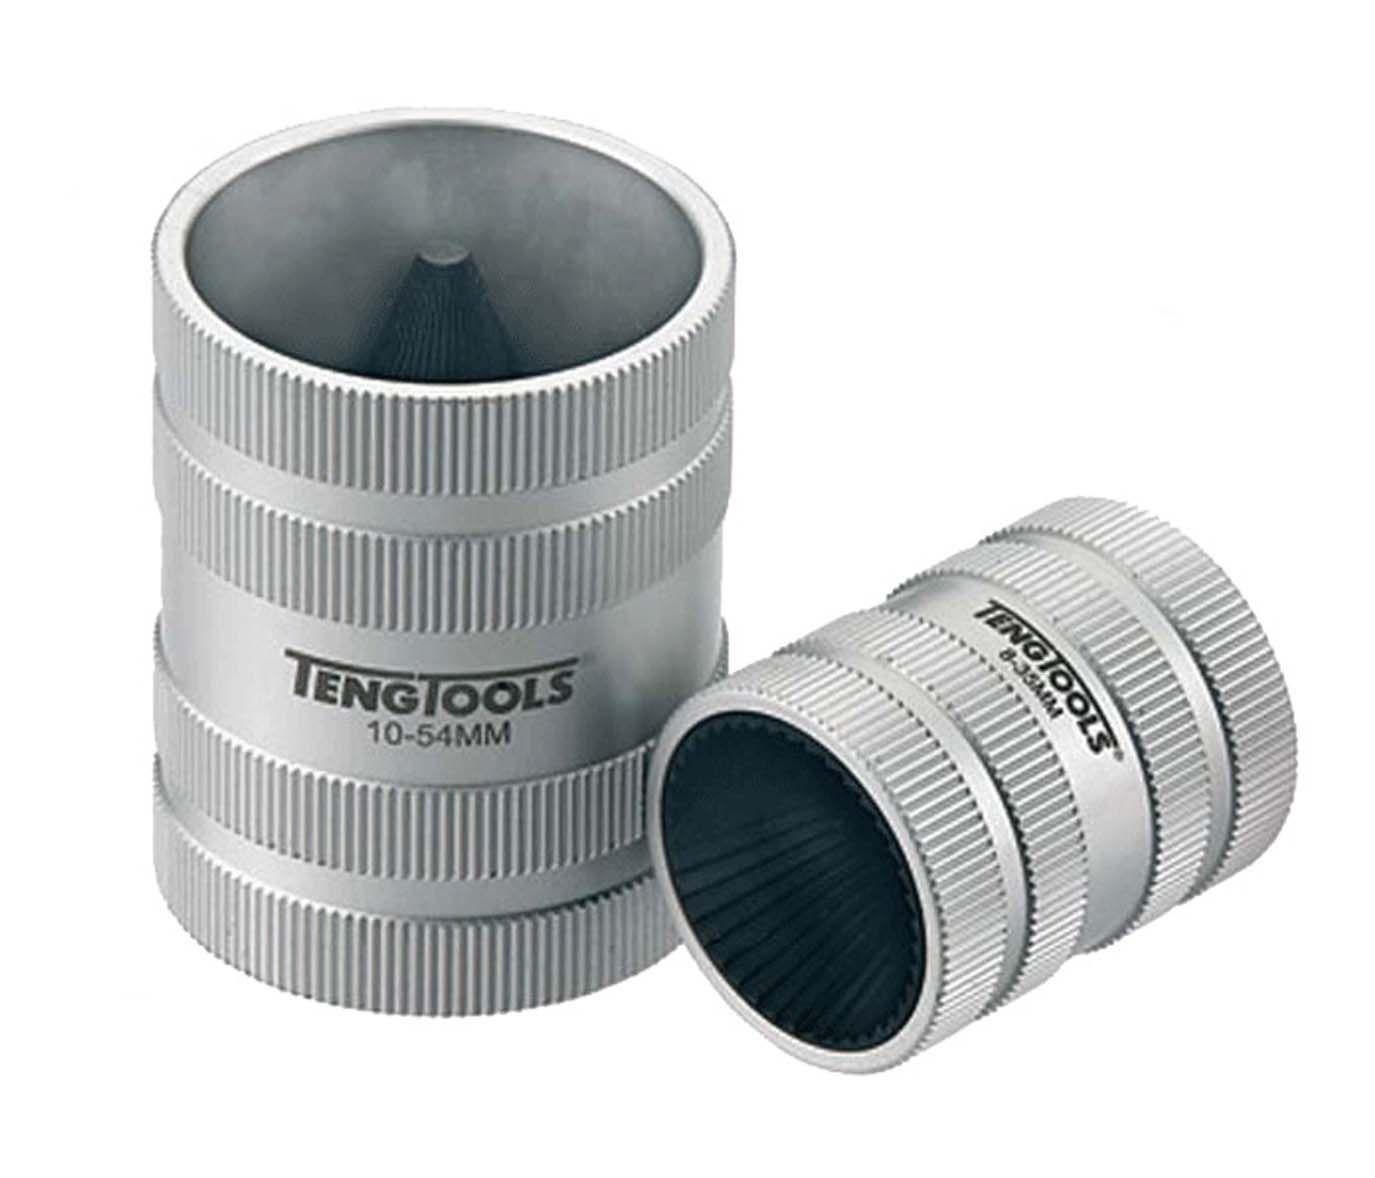 Teng Tools 10-54mm Aluminium Pipe Reamer